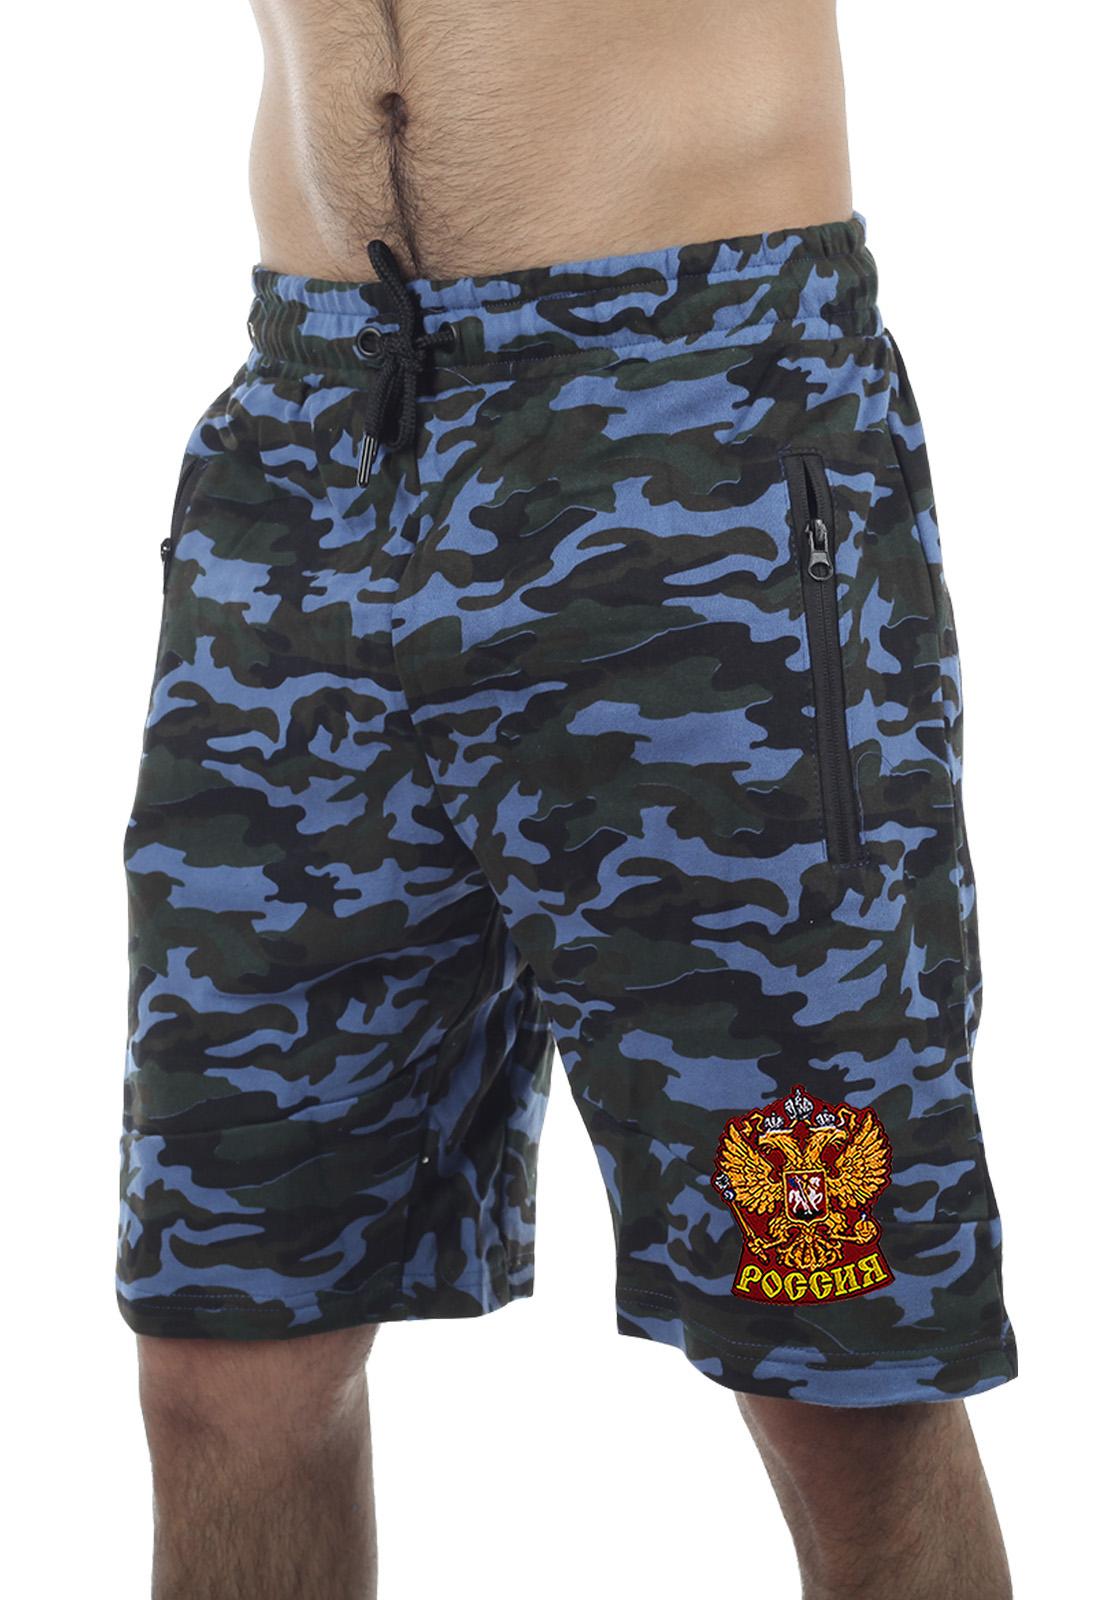 Купить свободные милитари шорты с нашивкой Россия с доставкой онлайн